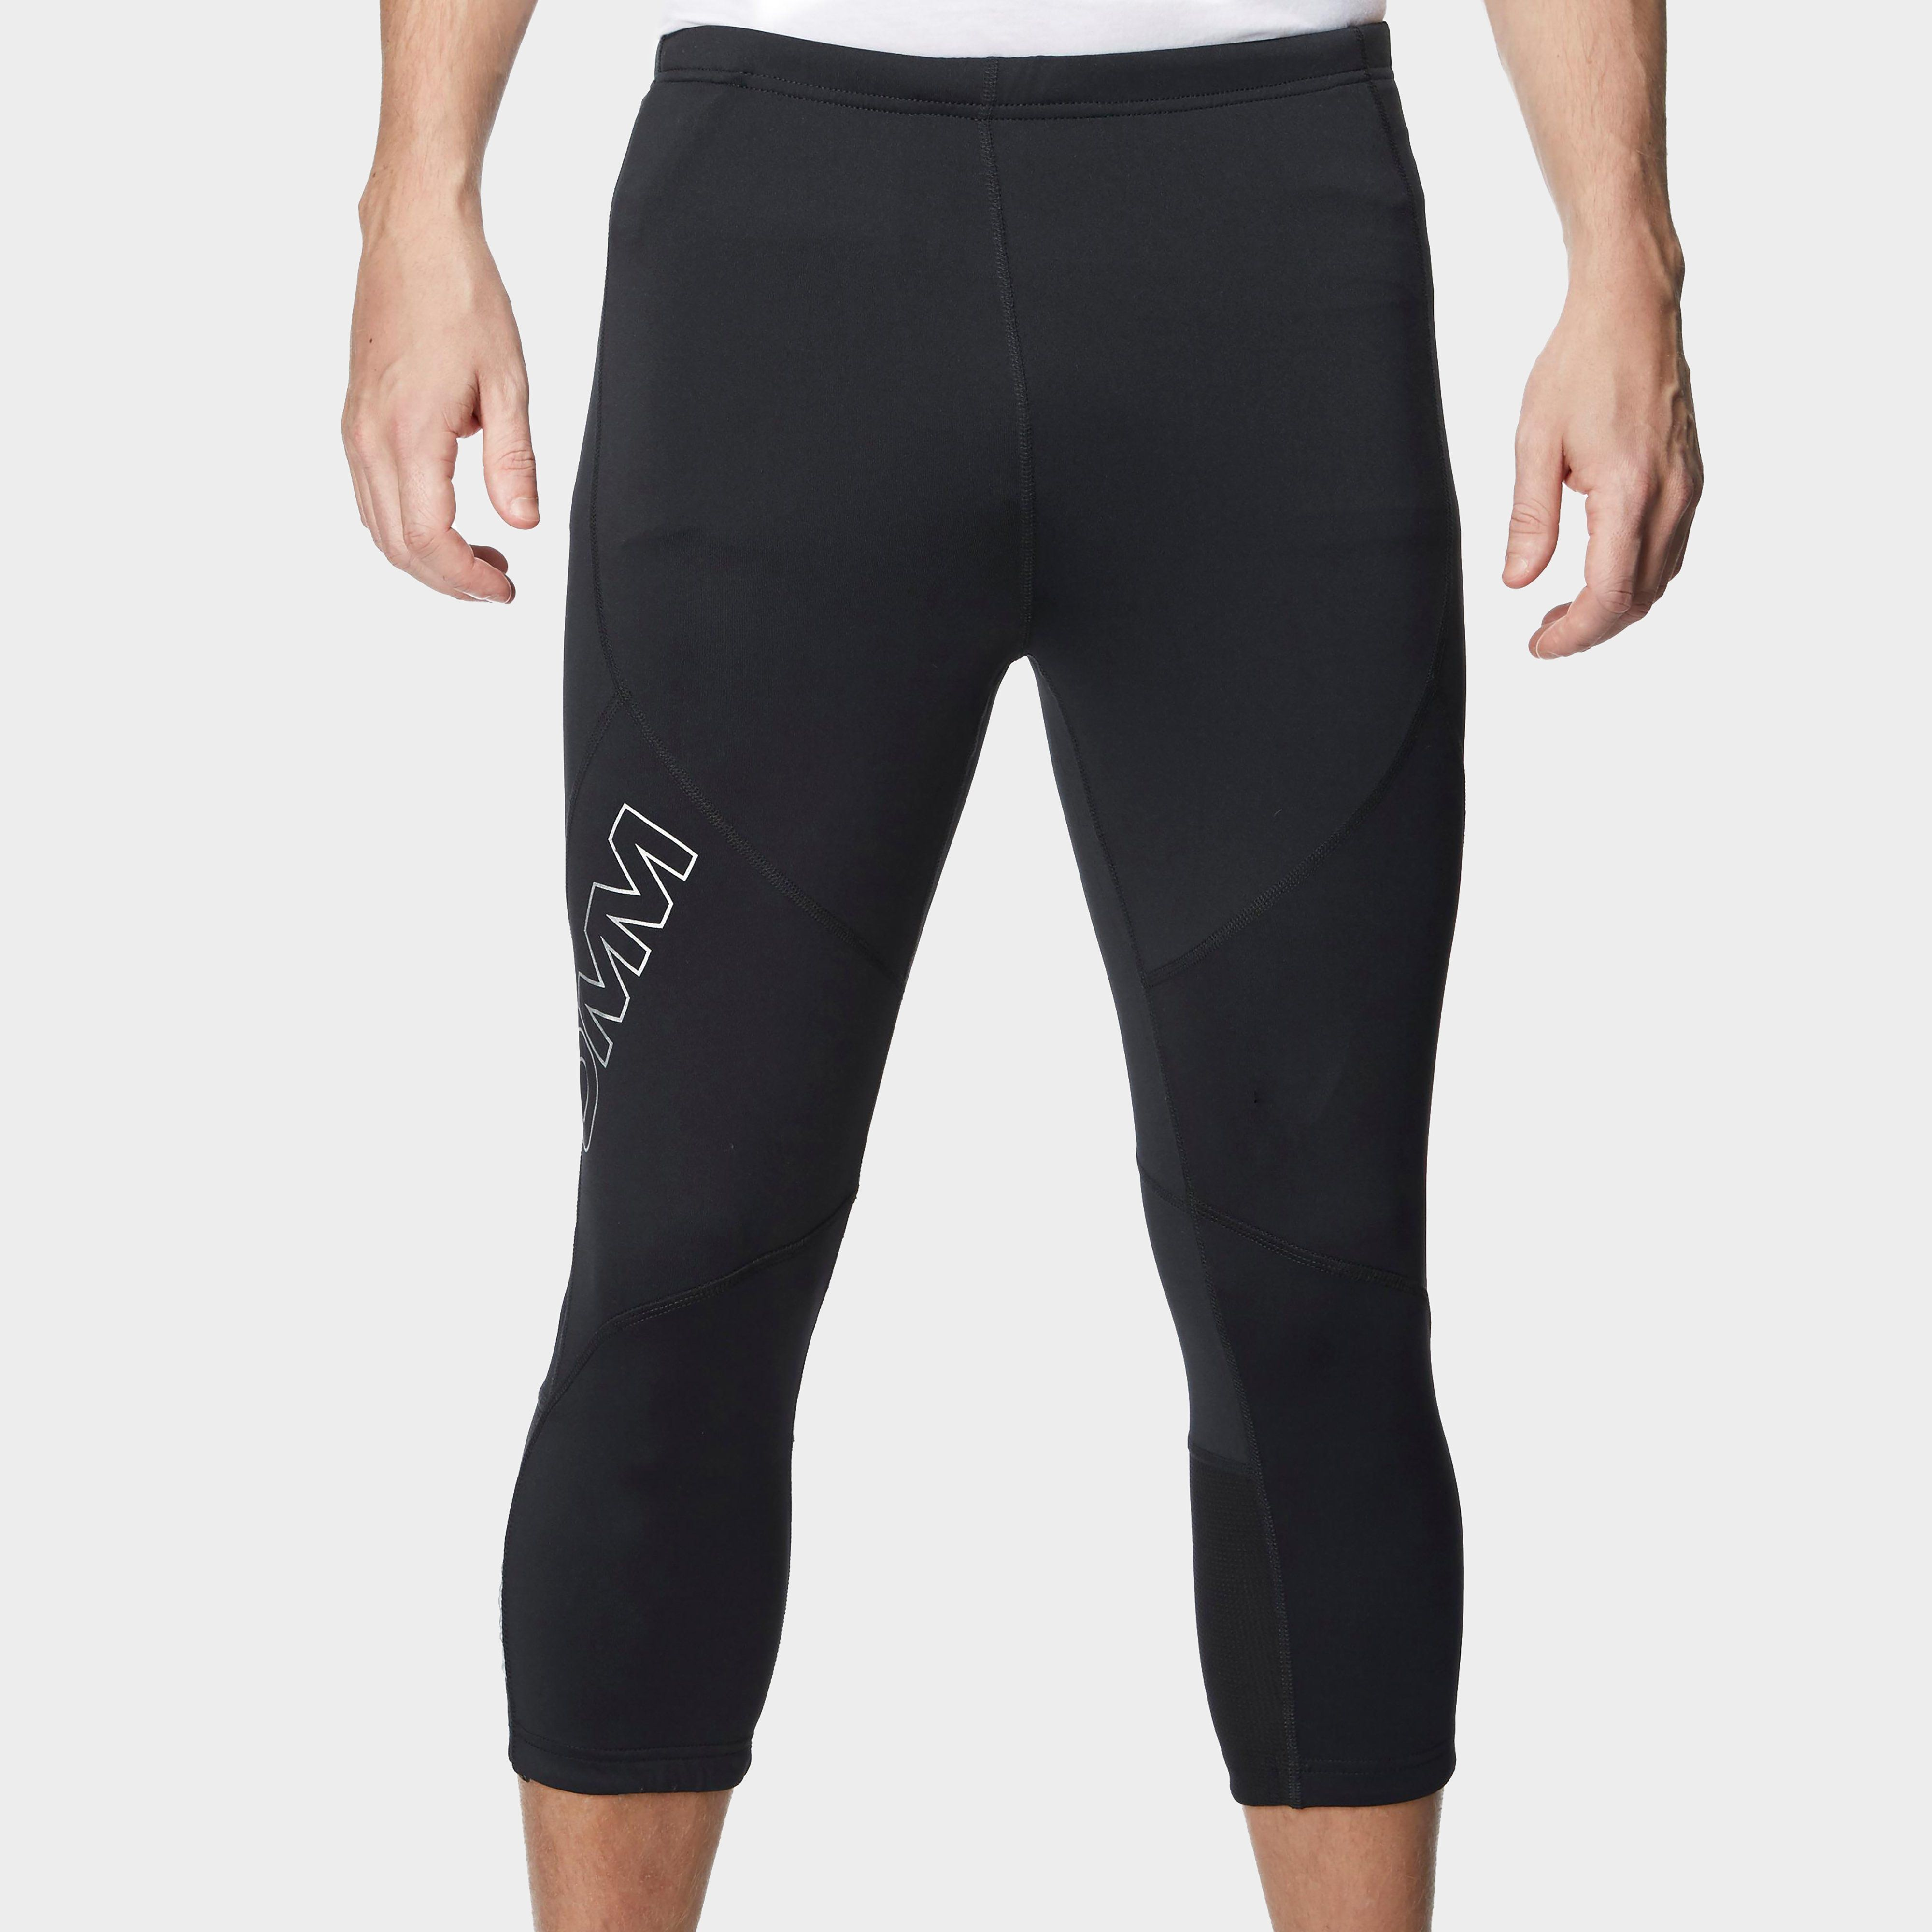 OMM Men's Flash 0.75 Knee Length Running Leggings